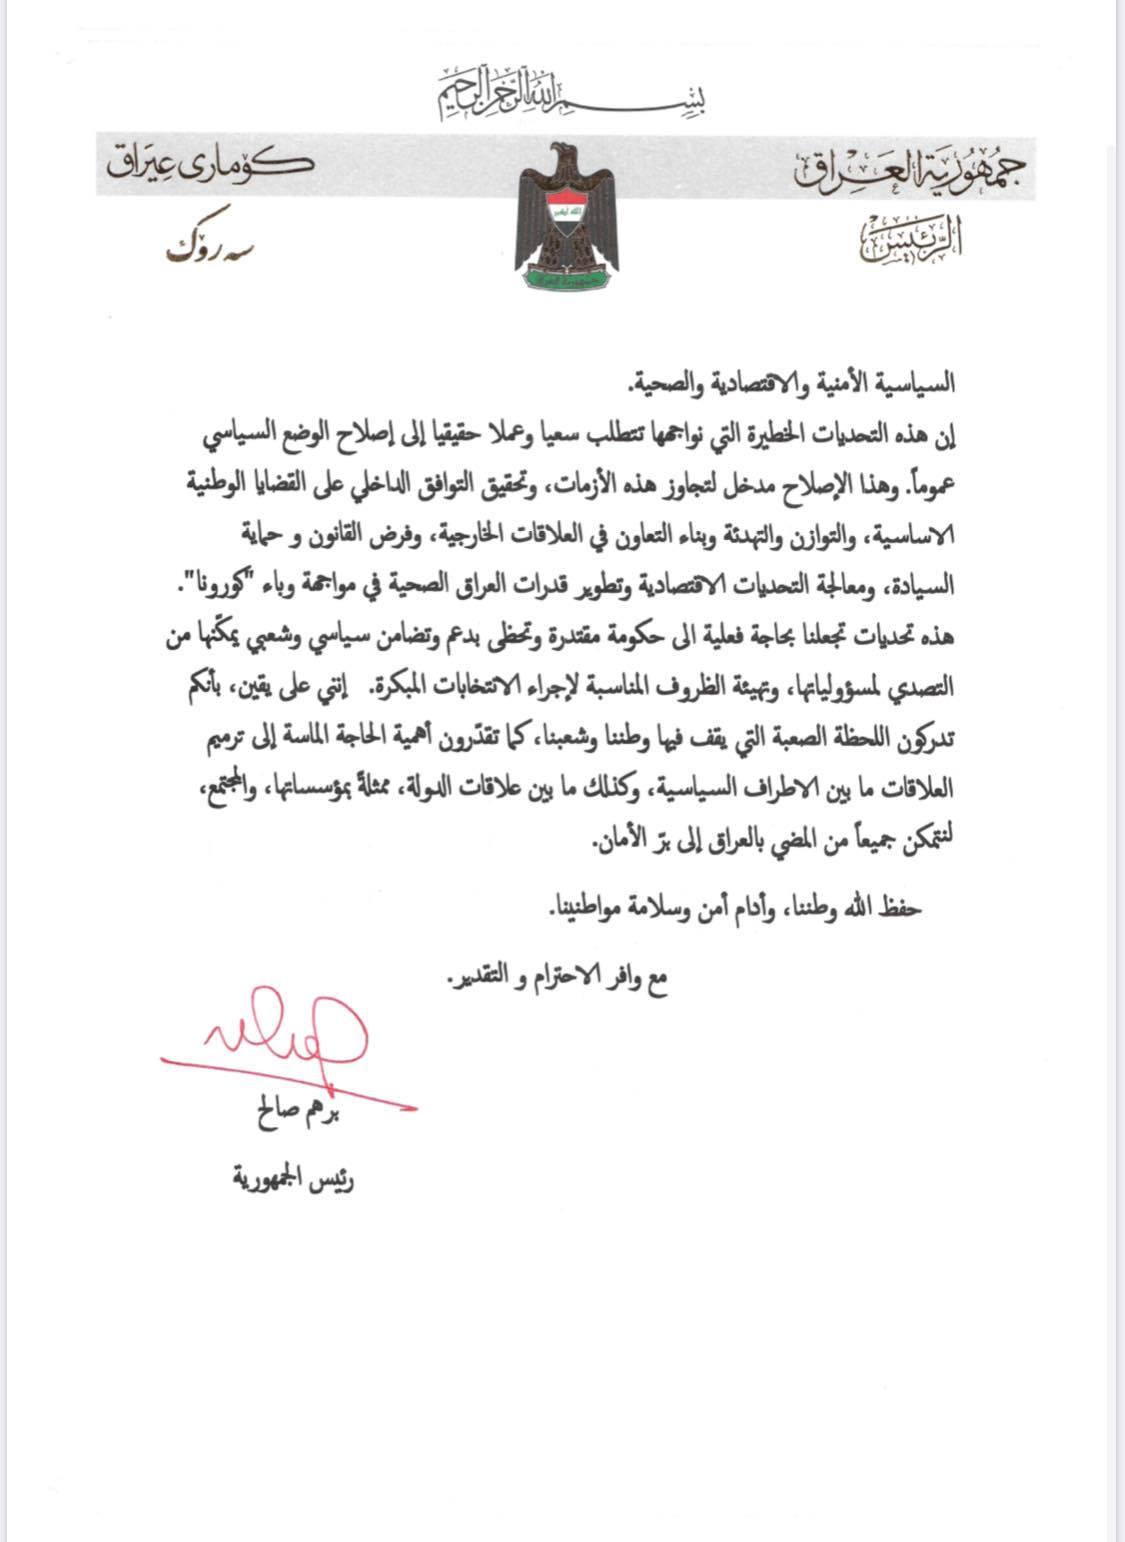 الكشف عن نص رسالة وجهها برهم صالح قبل تكليف عدنان الزرفي